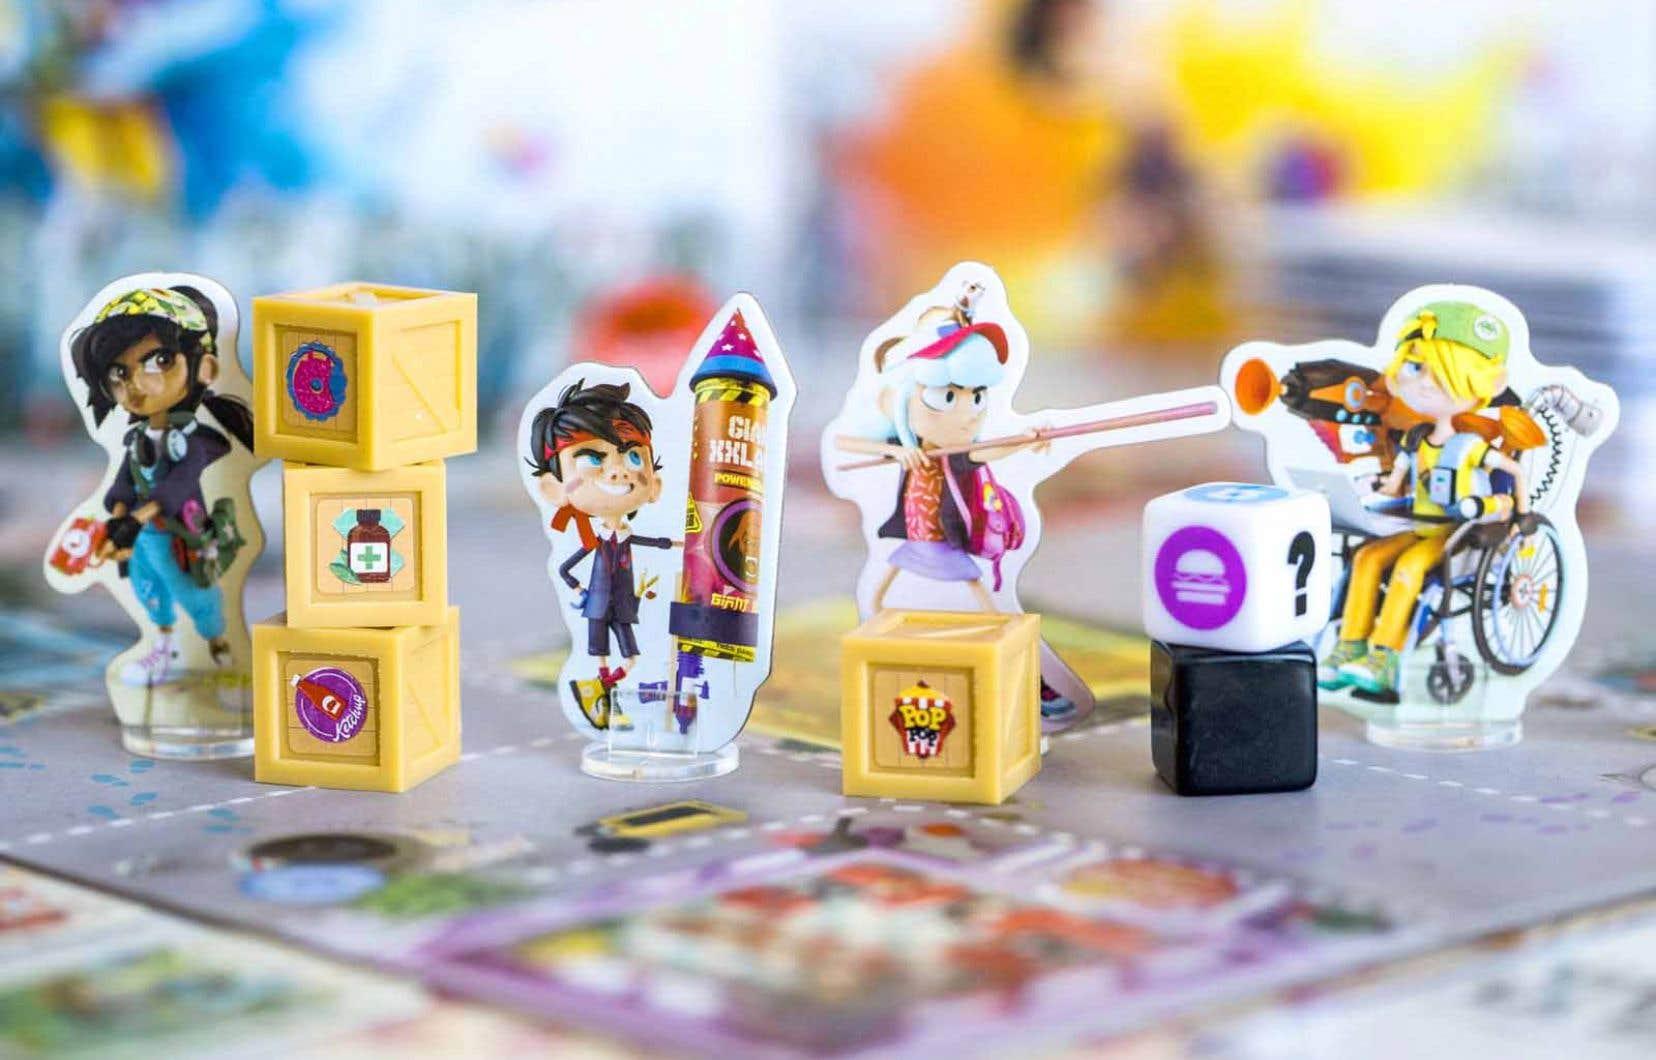 Dans le jeu Zombie Kidz, les joueurs doivent éliminer des zombies et ramener des caisses de vivres à l'école, où les héros sont retranchés.